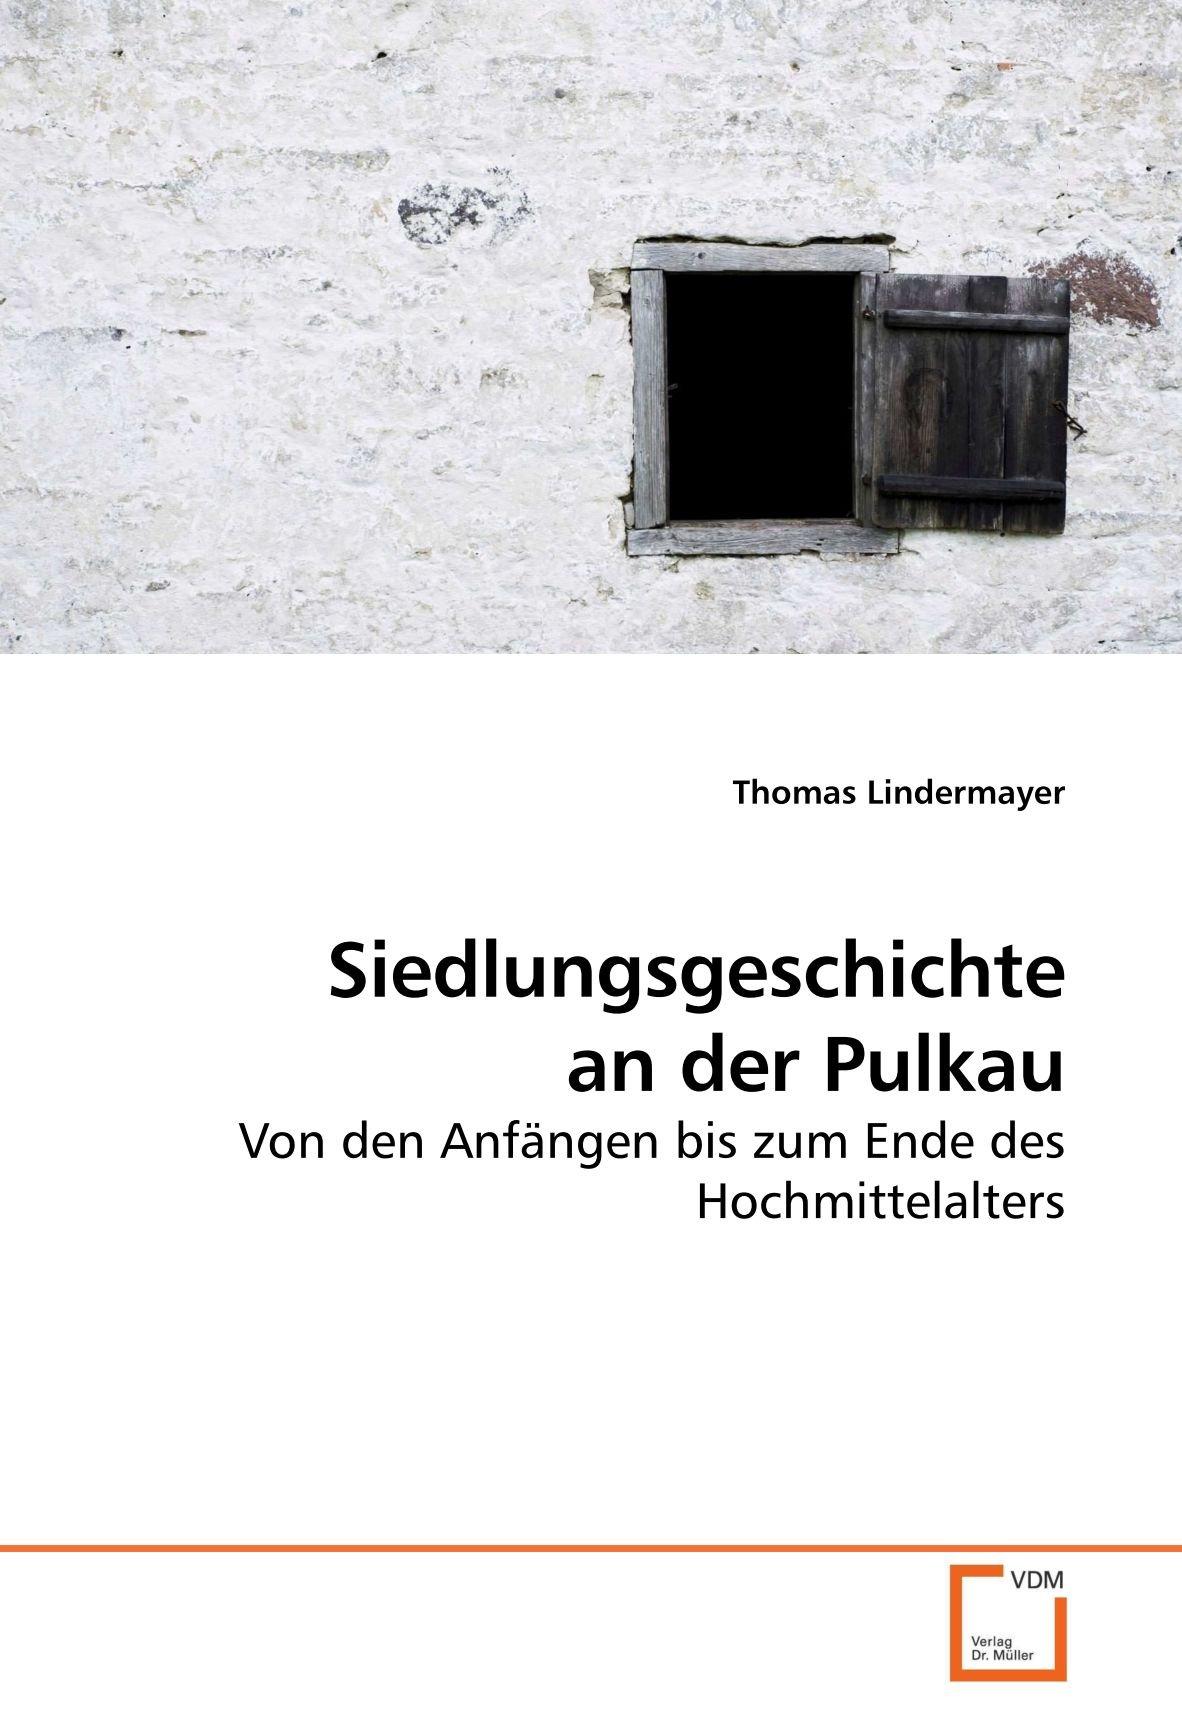 Siedlungsgeschichte an der Pulkau: Von den Anfängen bis zum Ende des Hochmittelalters